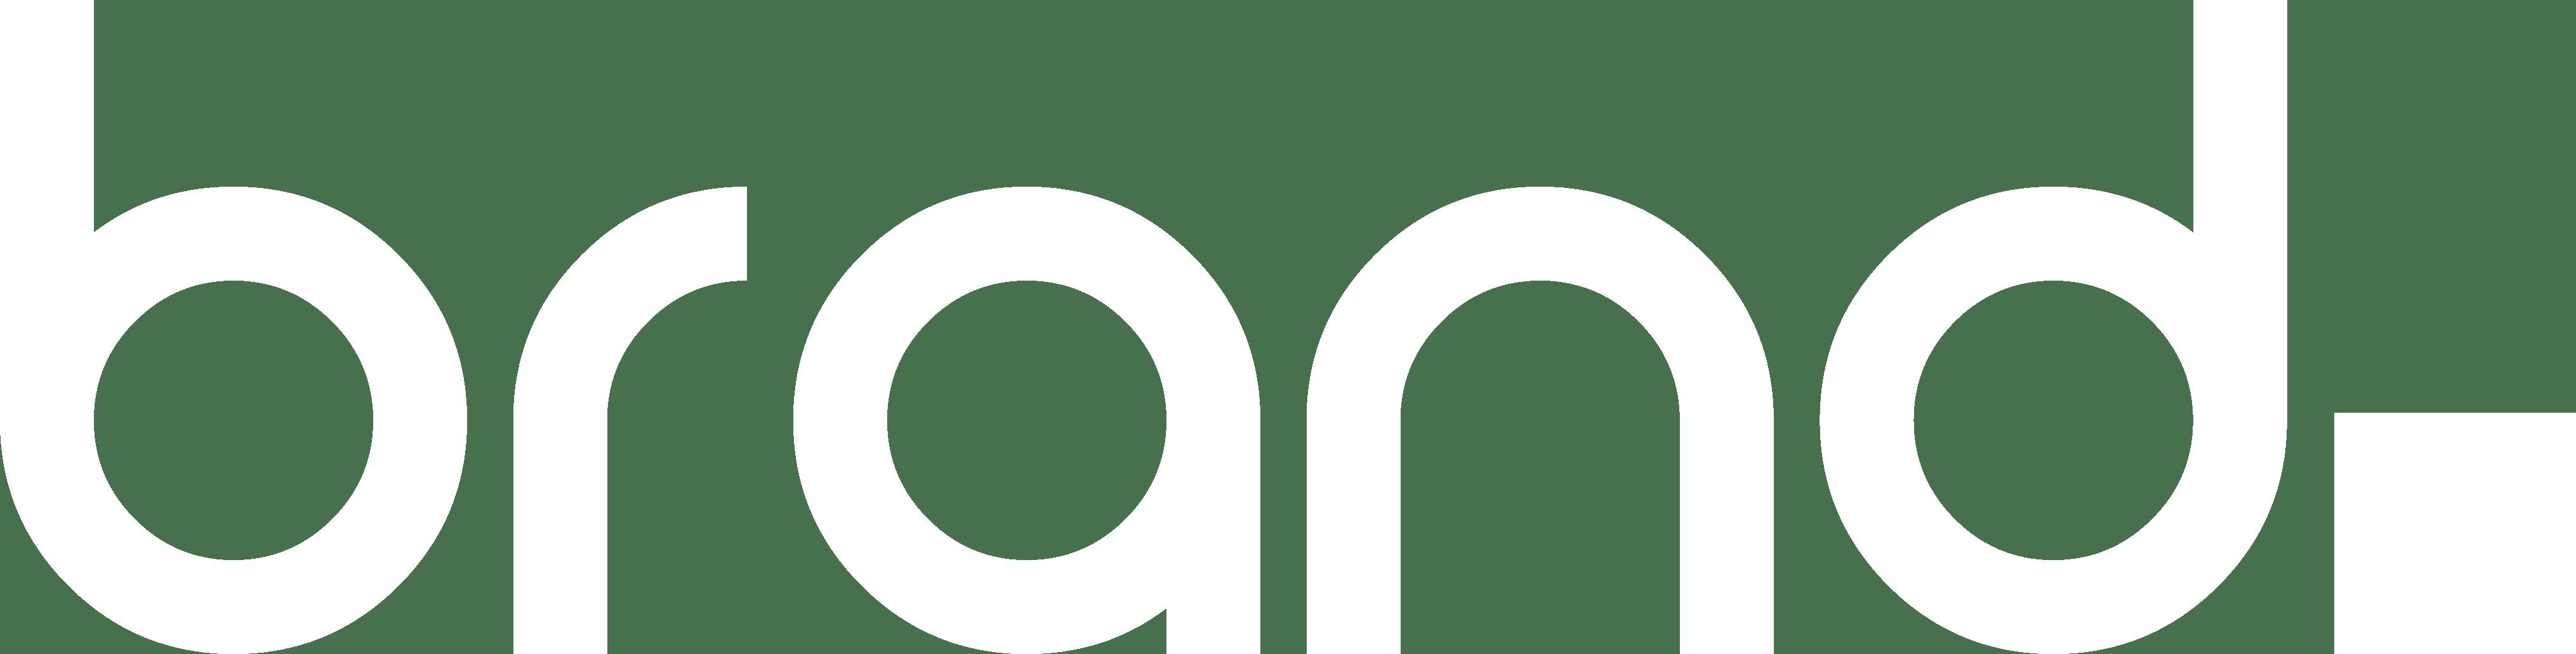 logo brand square sibiu alb